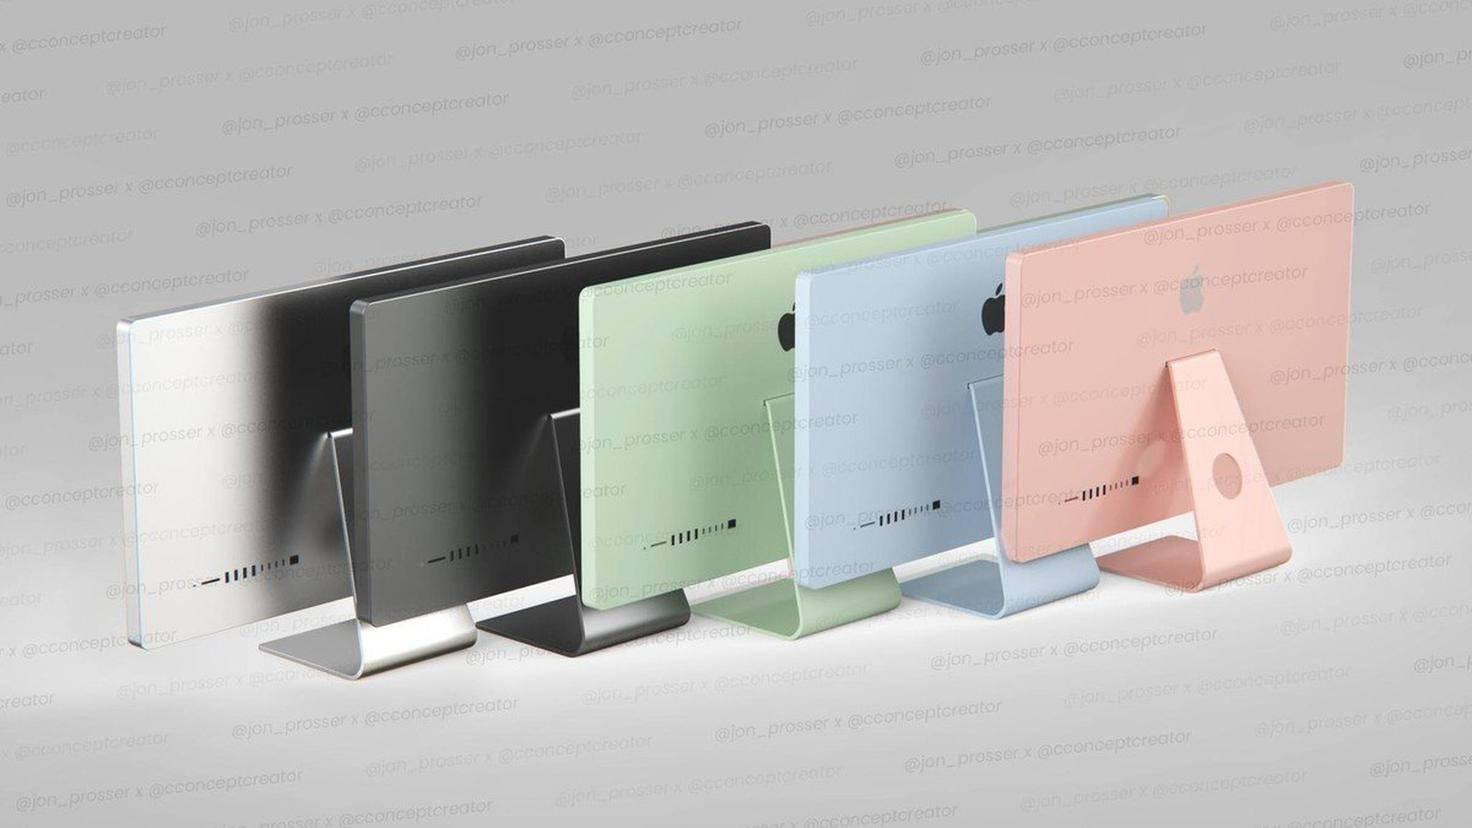 imac-2021-colors